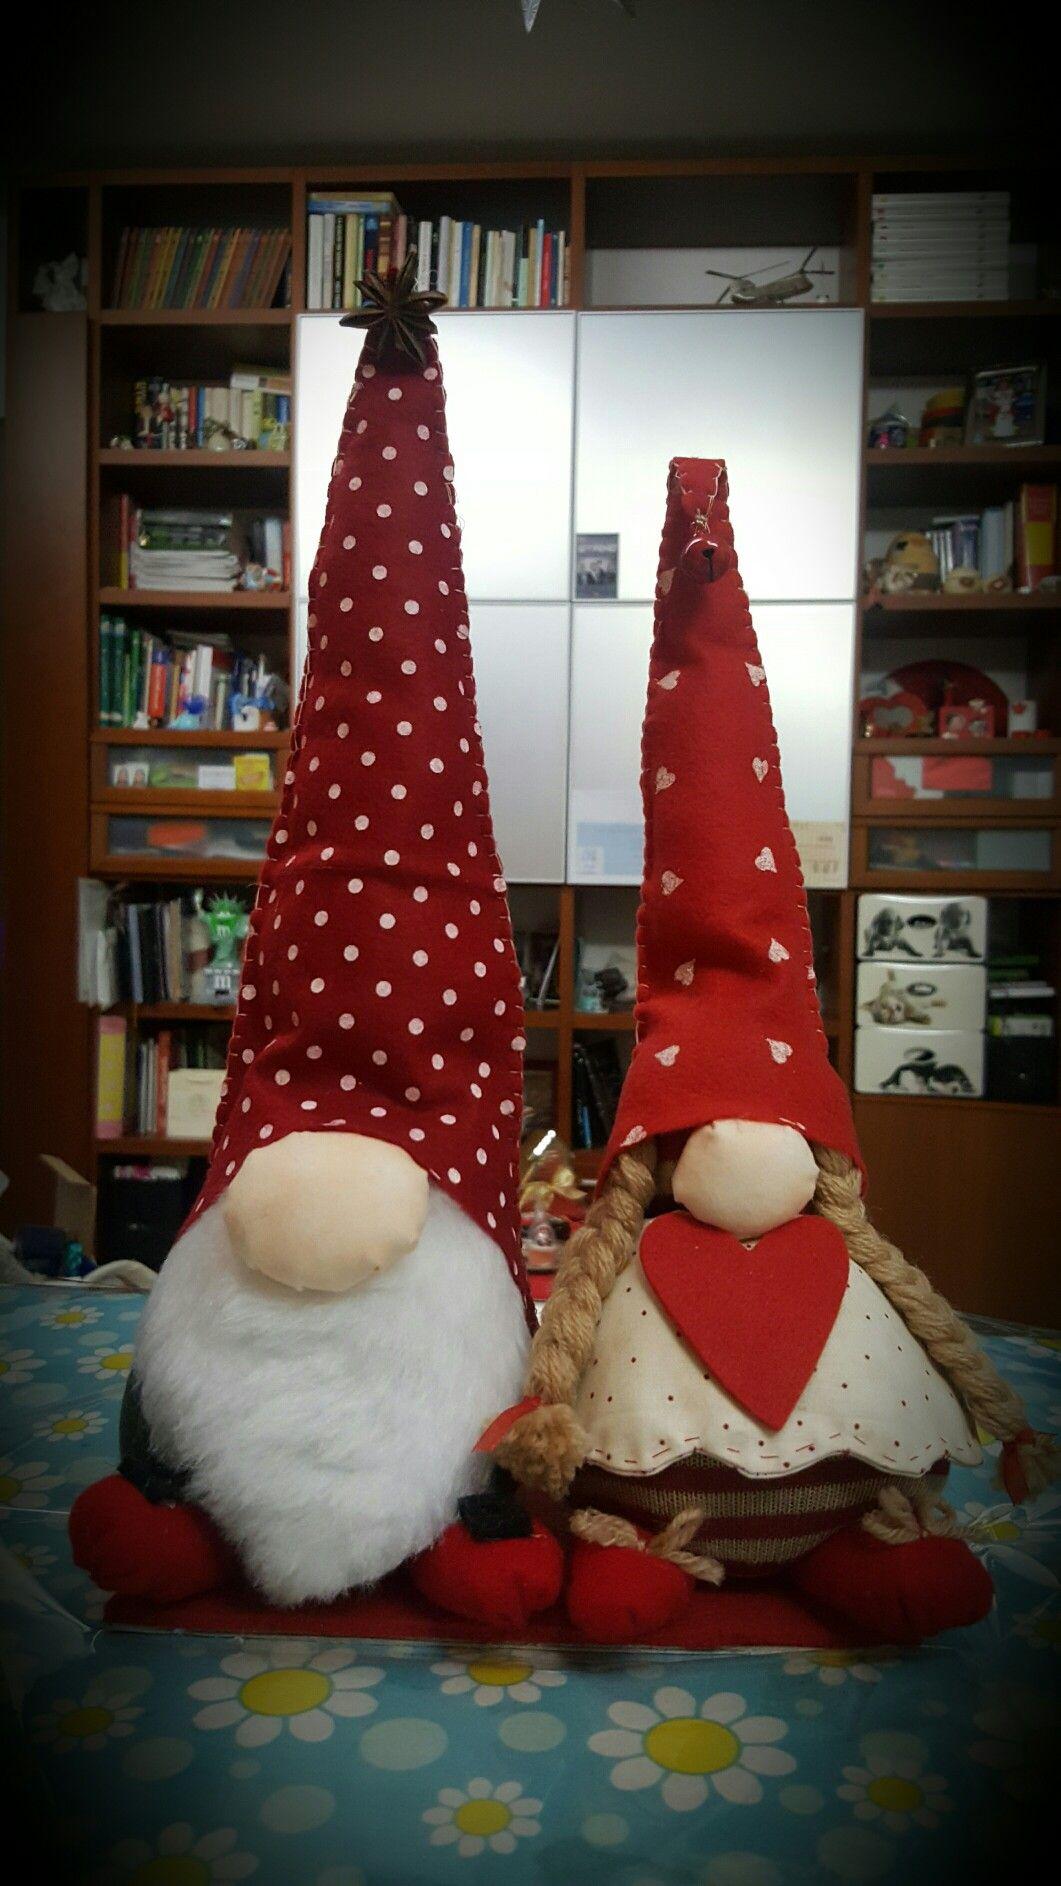 Pin de sugey romero en navidad decoracion navidad manualidades navidad y decoracion navidad - Manualidades decoracion de navidad ...